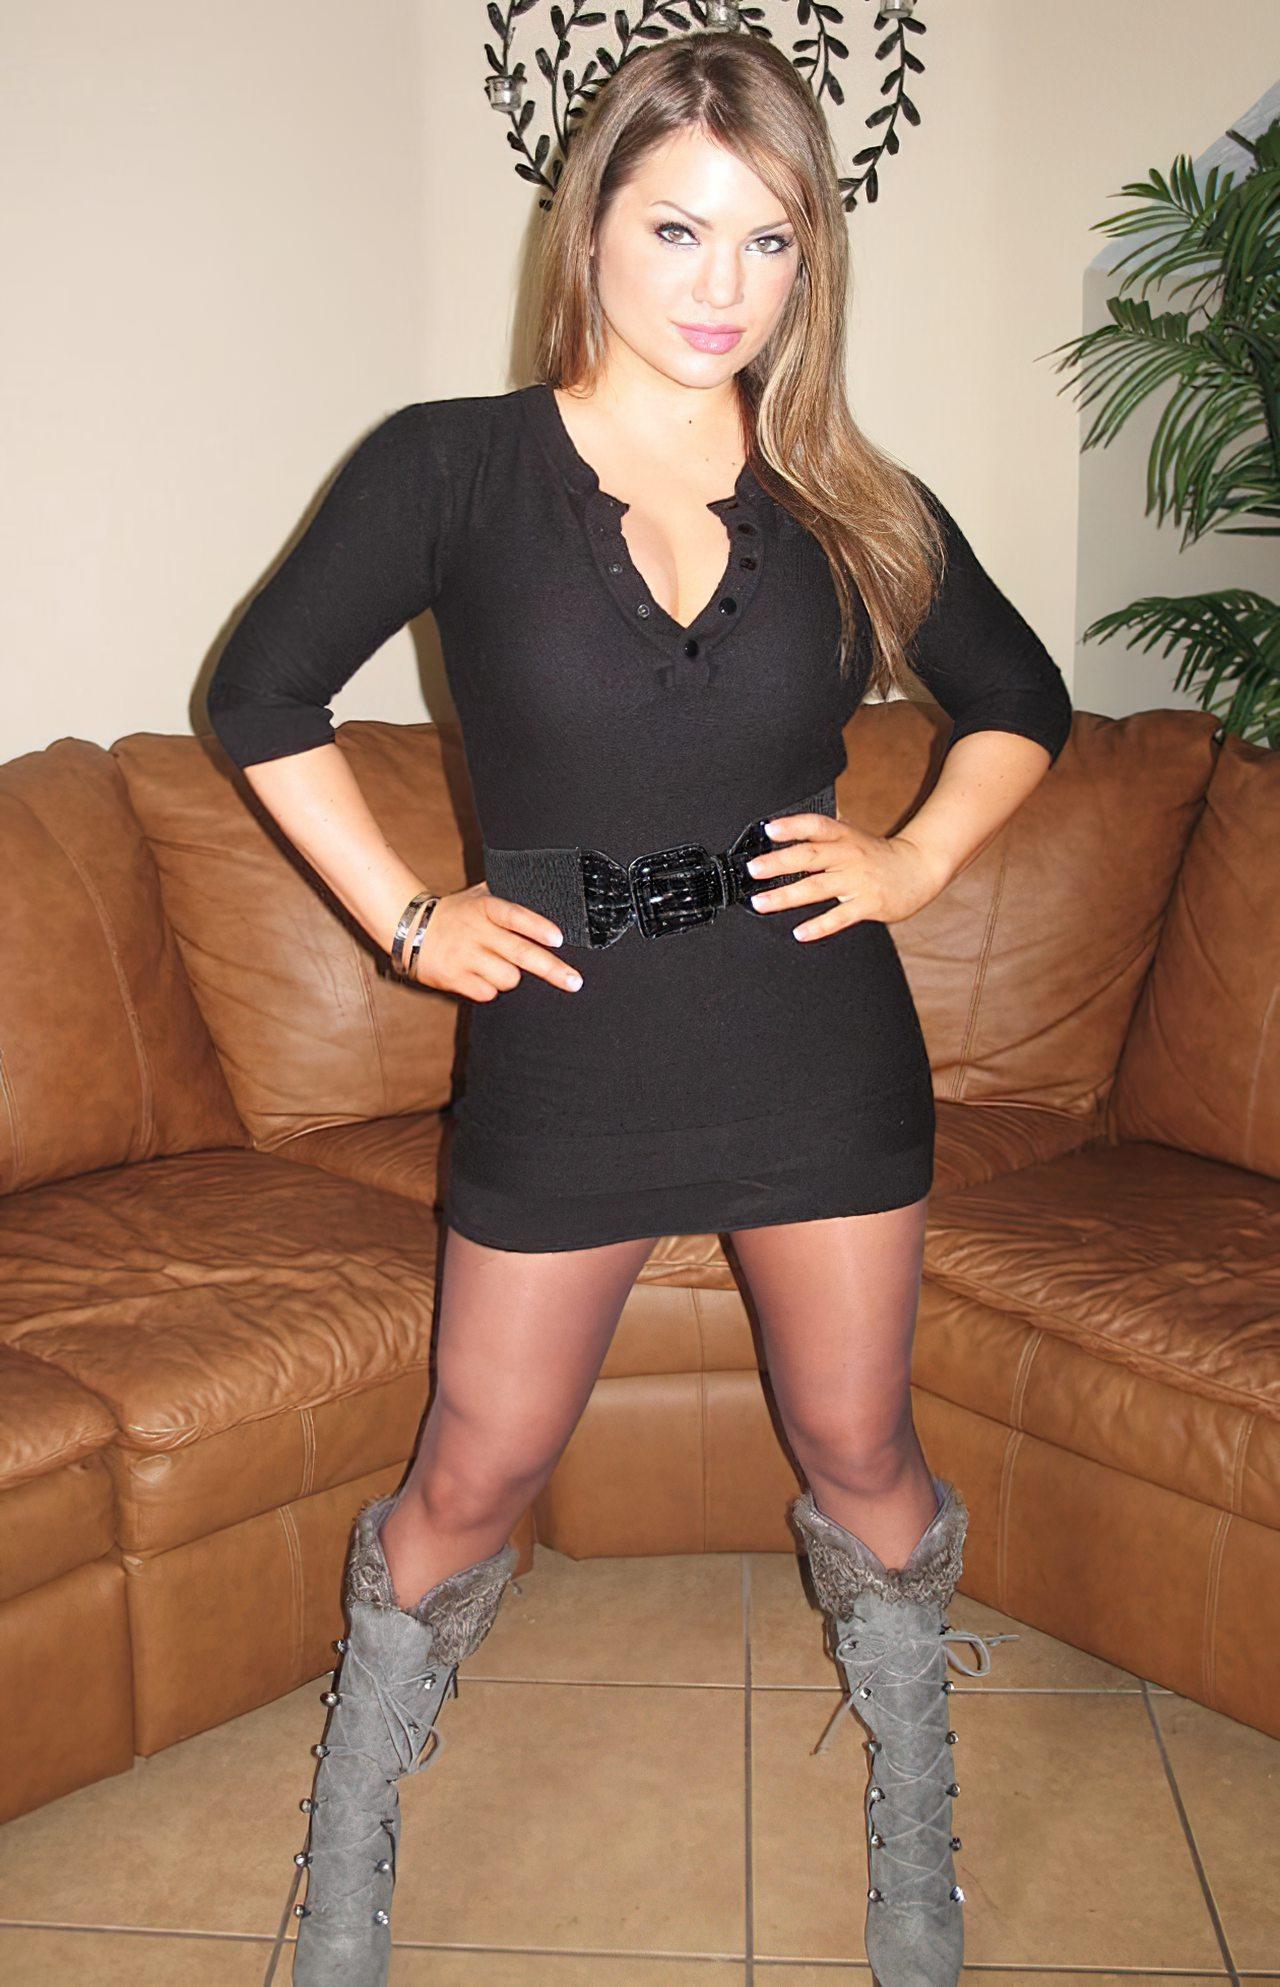 Namorada Safadinha (38)